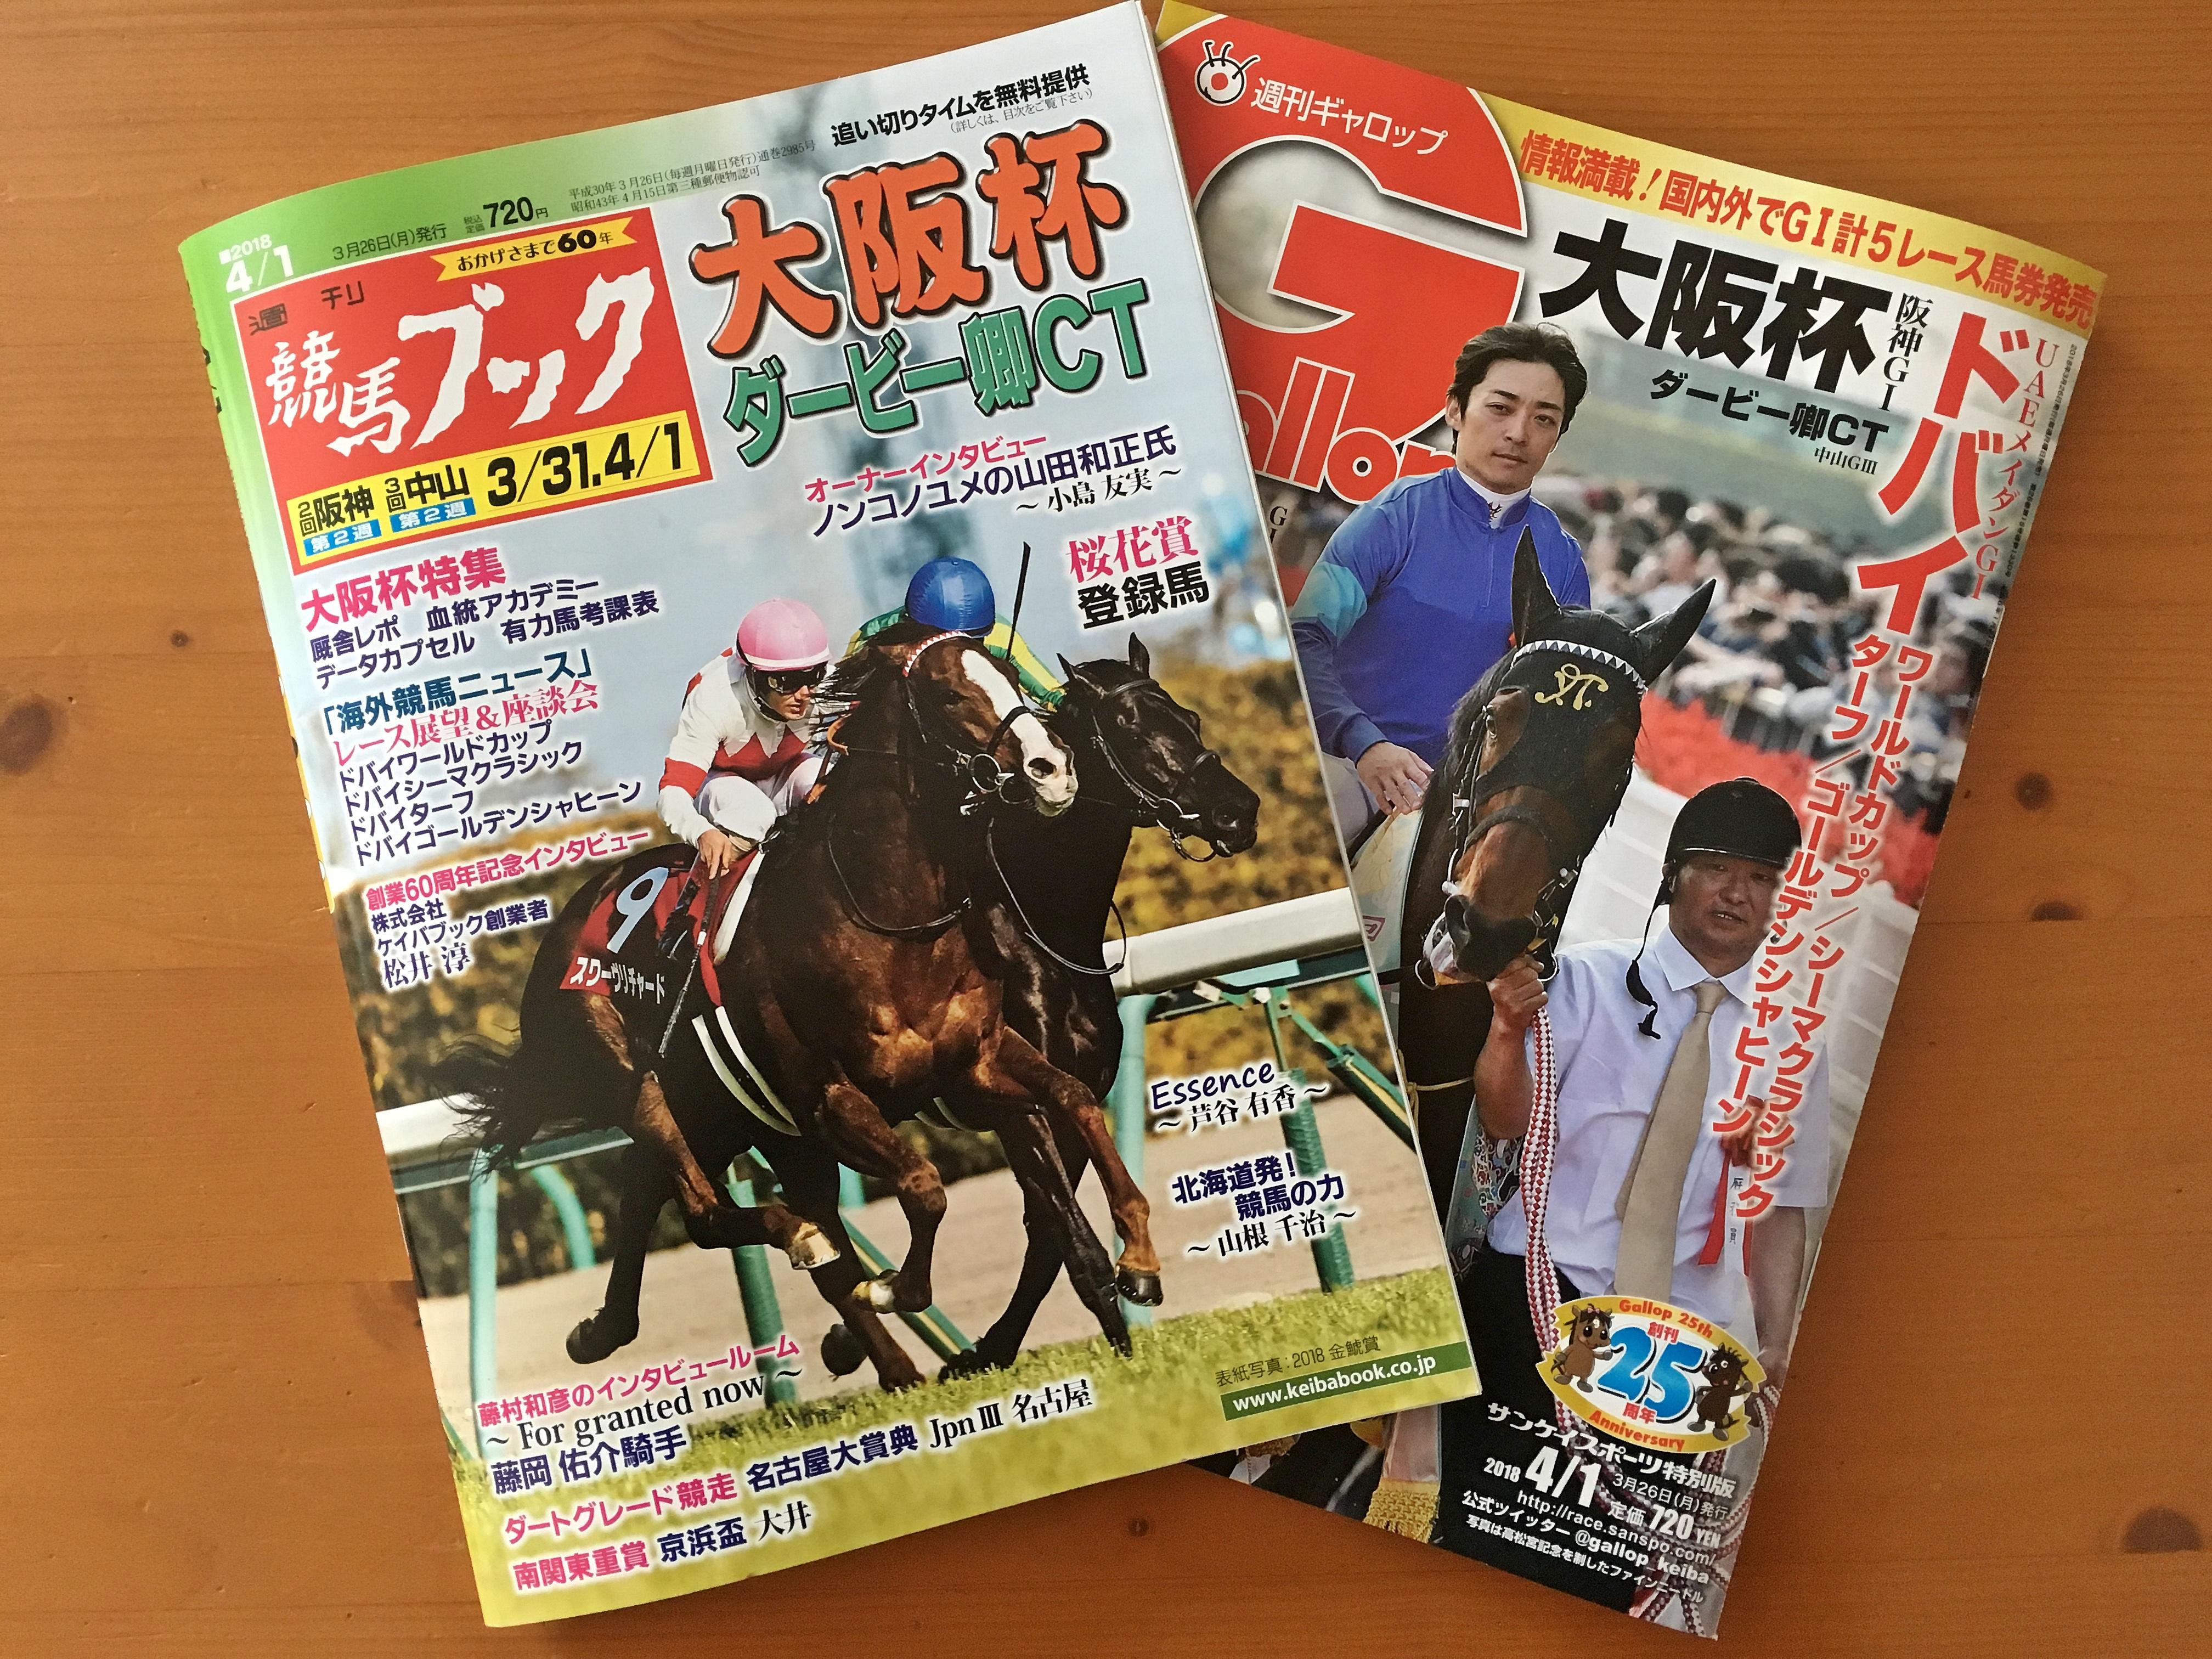 ブラストワンピース 週間競馬ブック&GALLOP.JPG